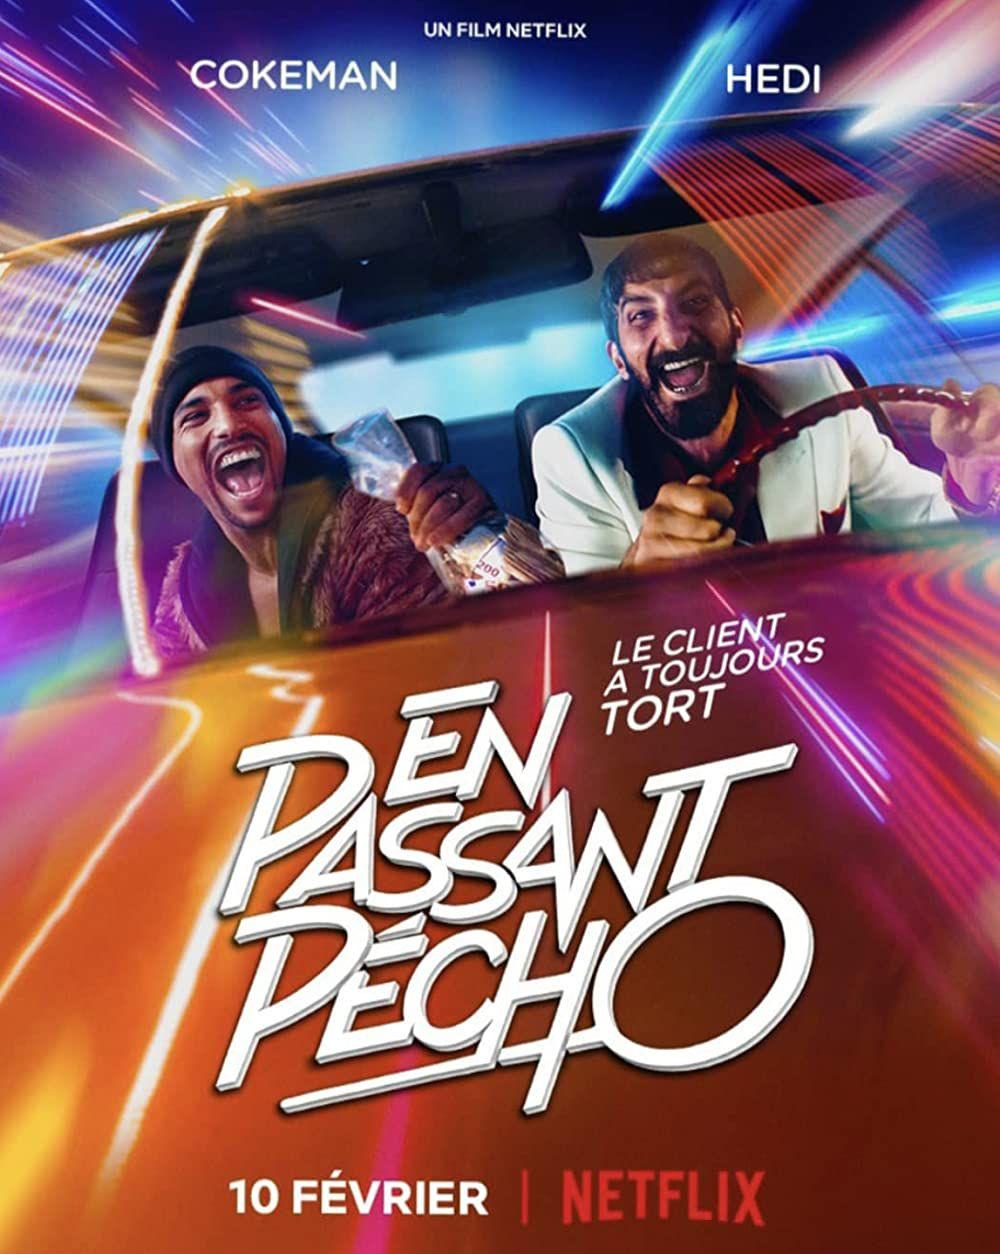 En Passant Pécho - Film (2021)